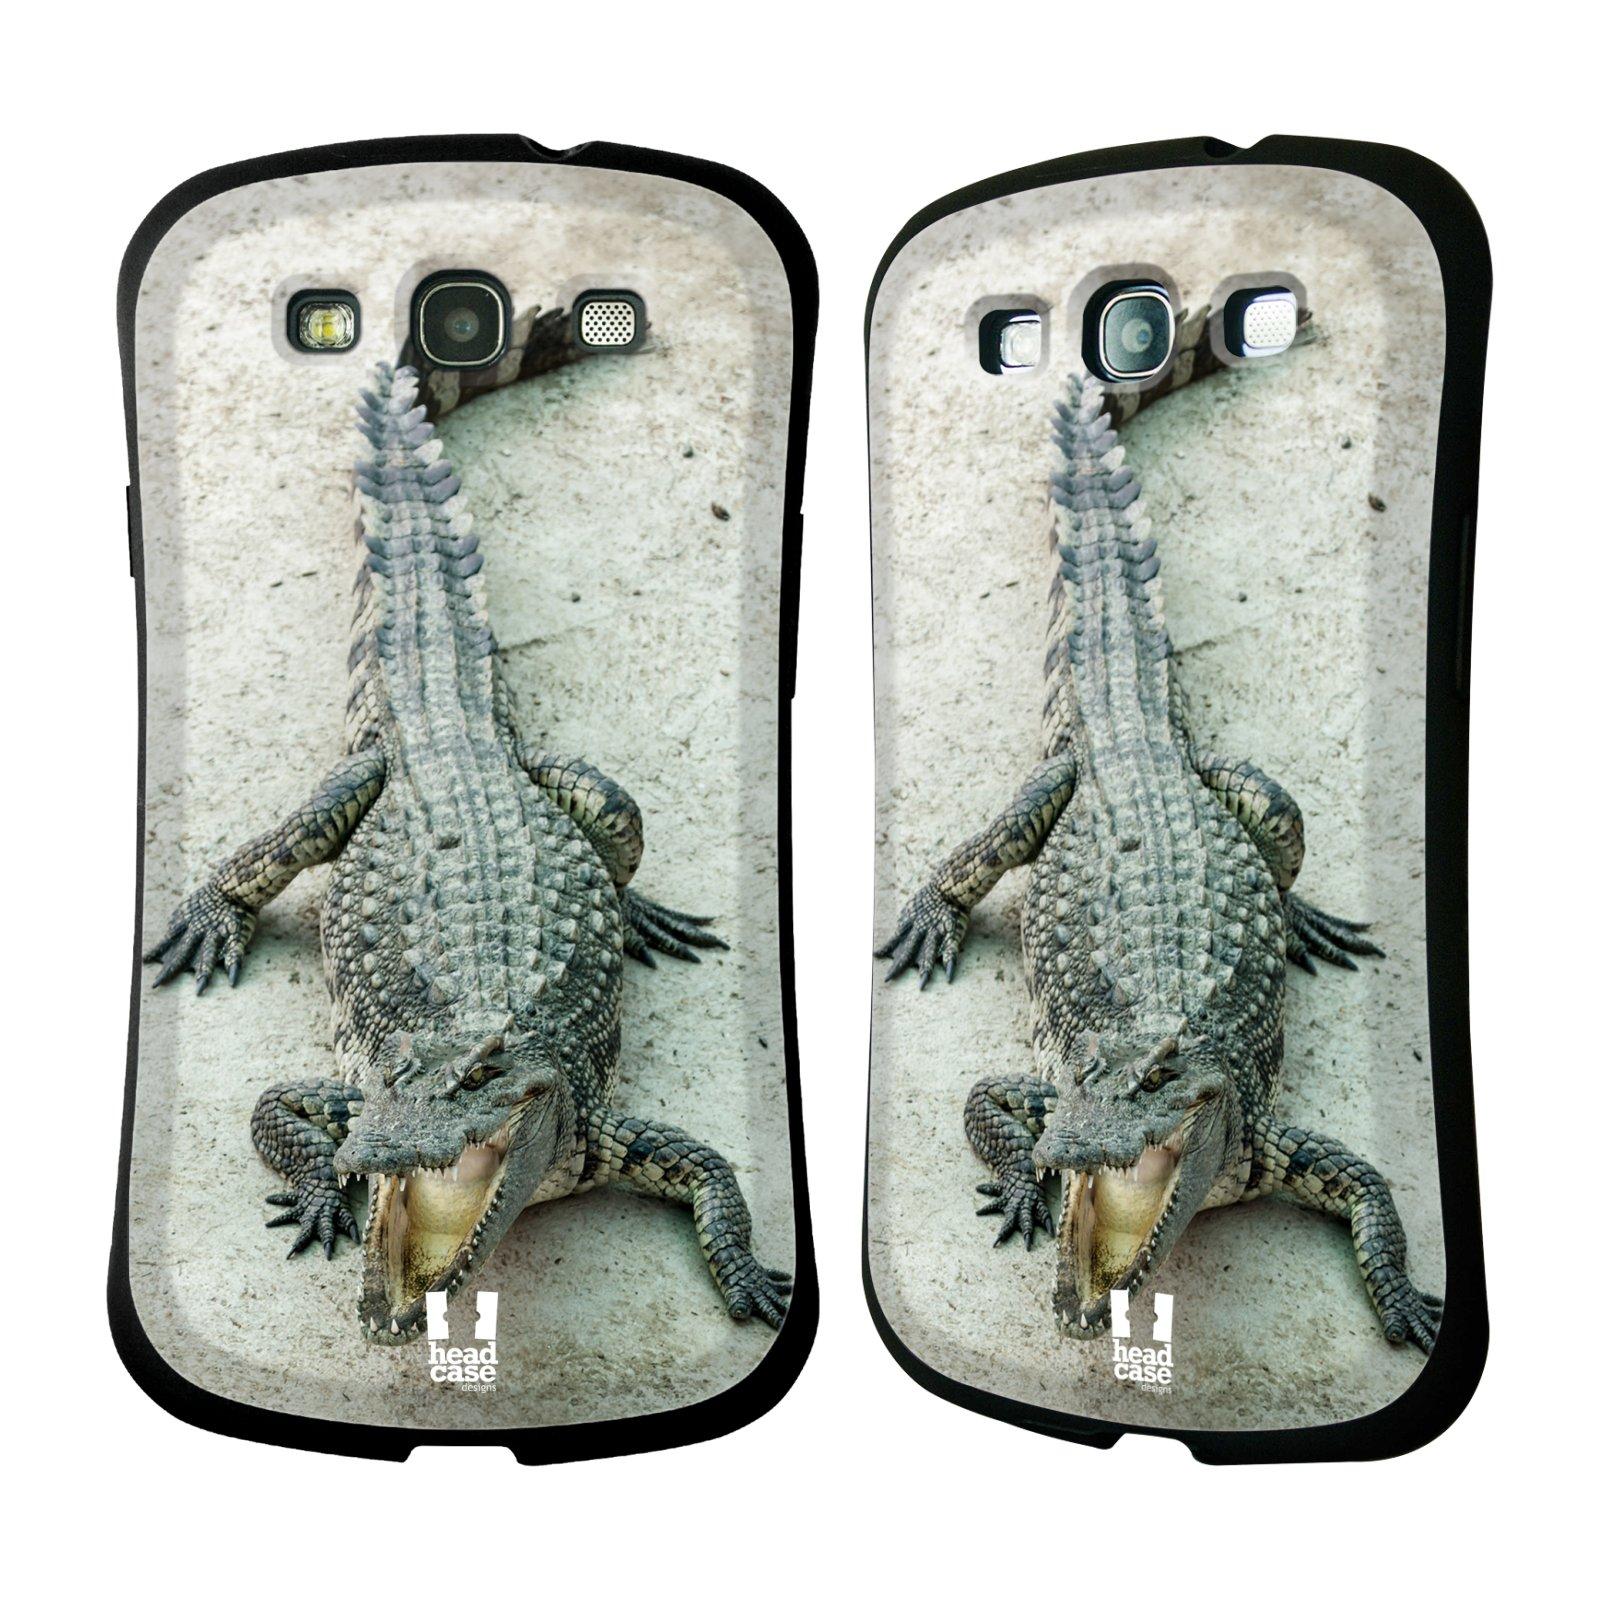 HEAD CASE silikon/plast odolný obal na mobil Samsung Galaxy S3 vzor Divočina, Divoký život a zvířata foto KROKODÝL, KAJMAN